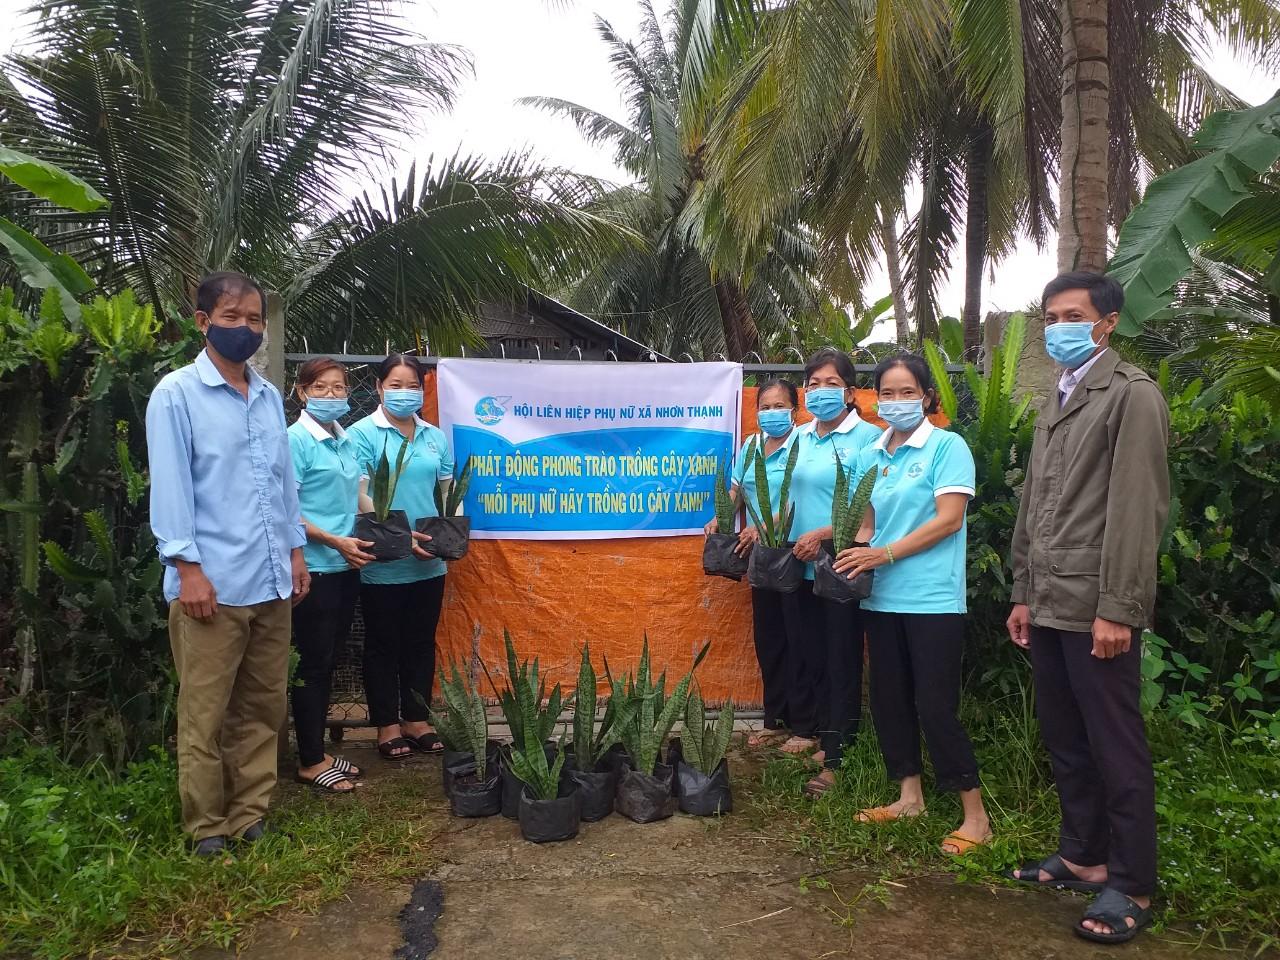 """Hội LHPN TP Bến Tre thực hiện vì mục tiêu 1 tỷ cây xanh theo sáng kiến của Thủ tướng Chính phủ gắn thực hiện Chủ trương """"Sáu không"""""""